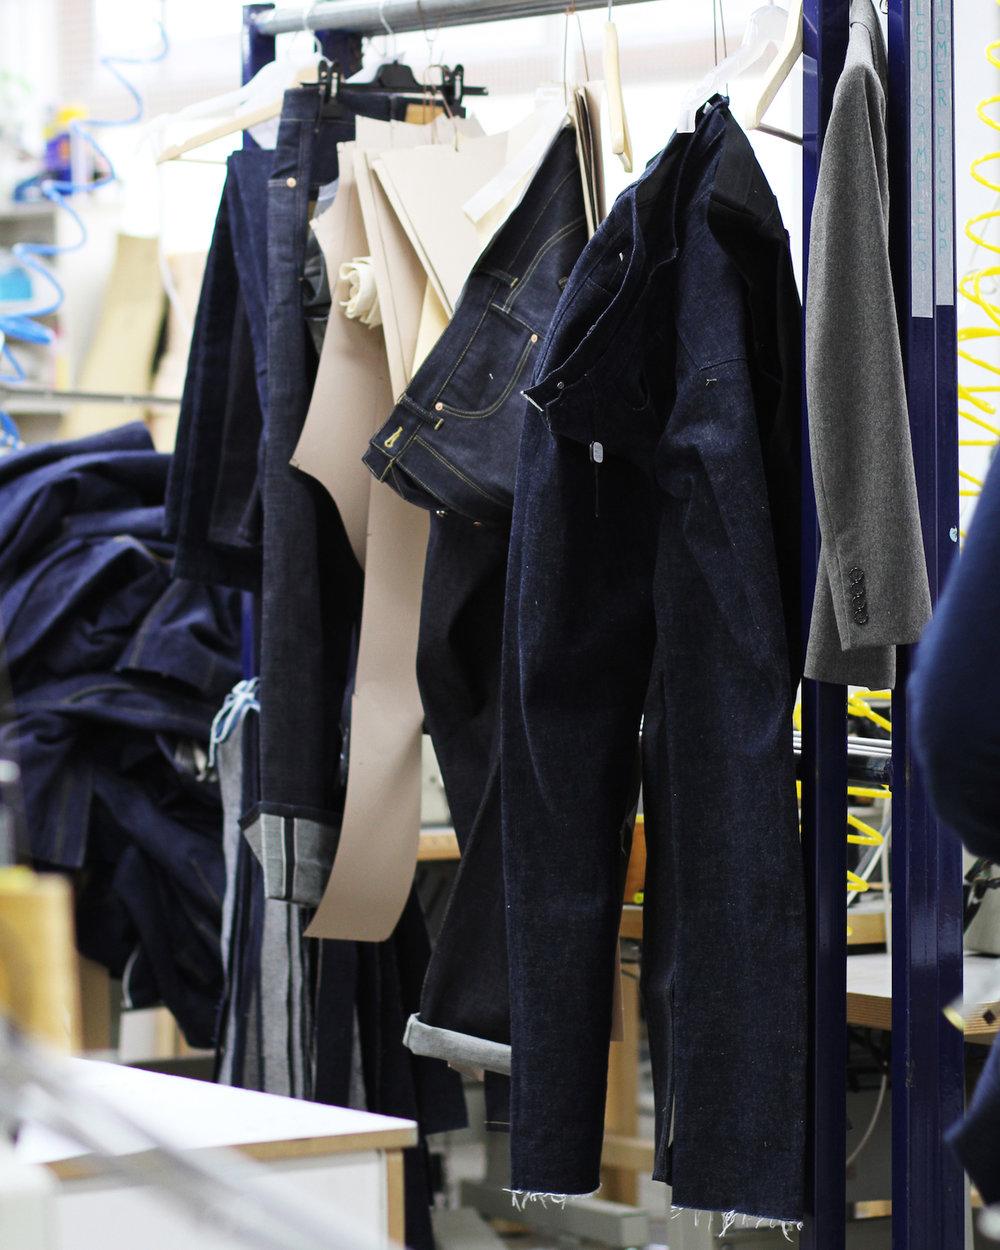 blackhorse-lane-jeans-blackneondigital.jpg